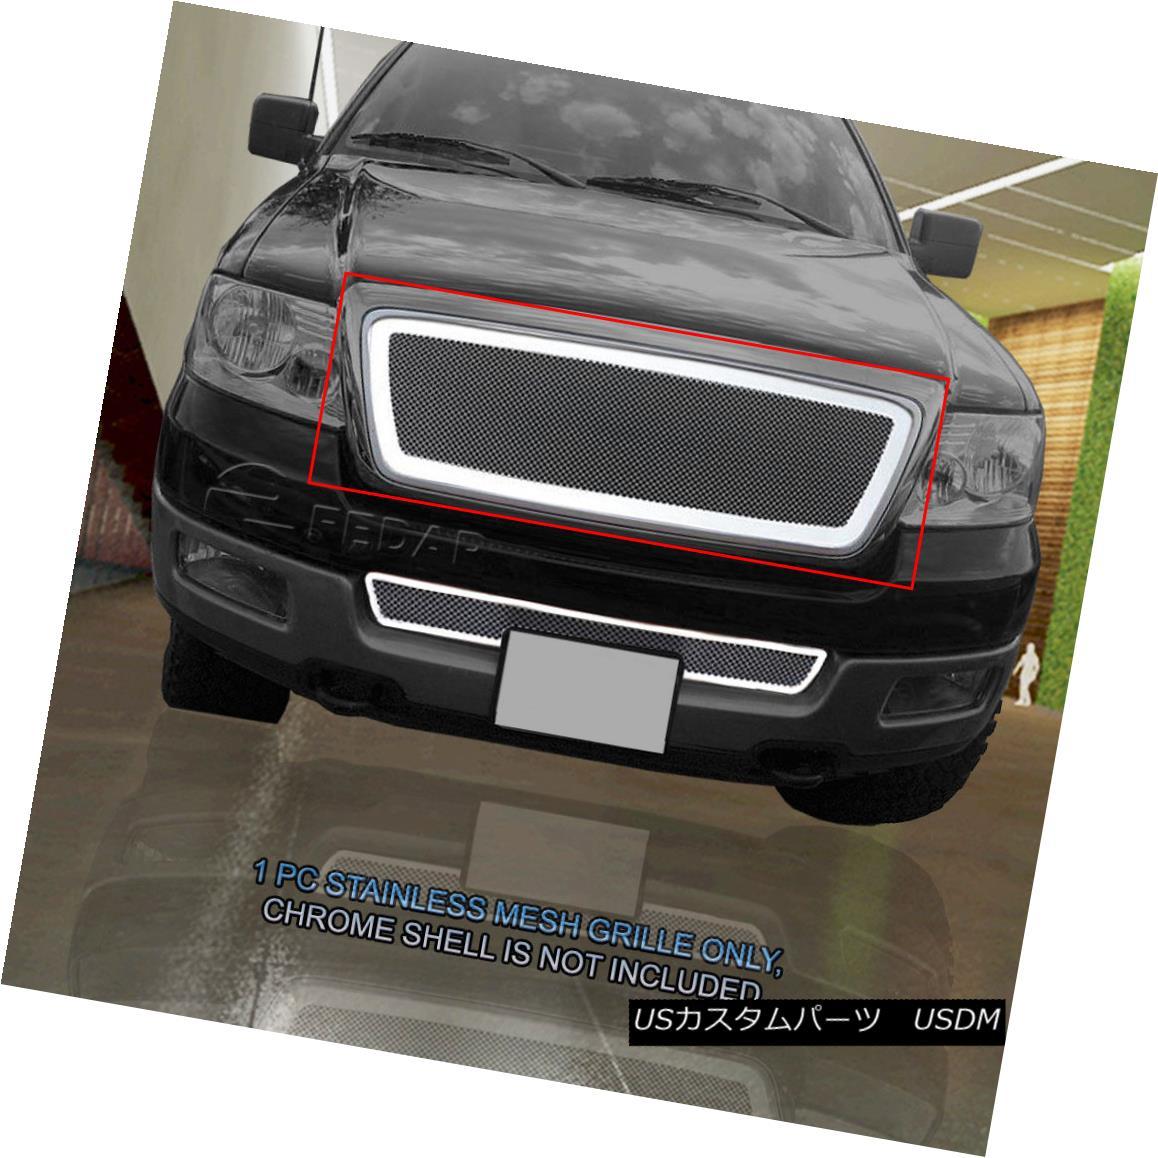 グリル Fits 2004-2008 Ford F-150 Honeycomb Style Main Upper Stainless Mesh Grille Fedar フィット2004-2008フォードF - 150ハニカムスタイルメインアッパーステンレスメッシュグリルフェルダー